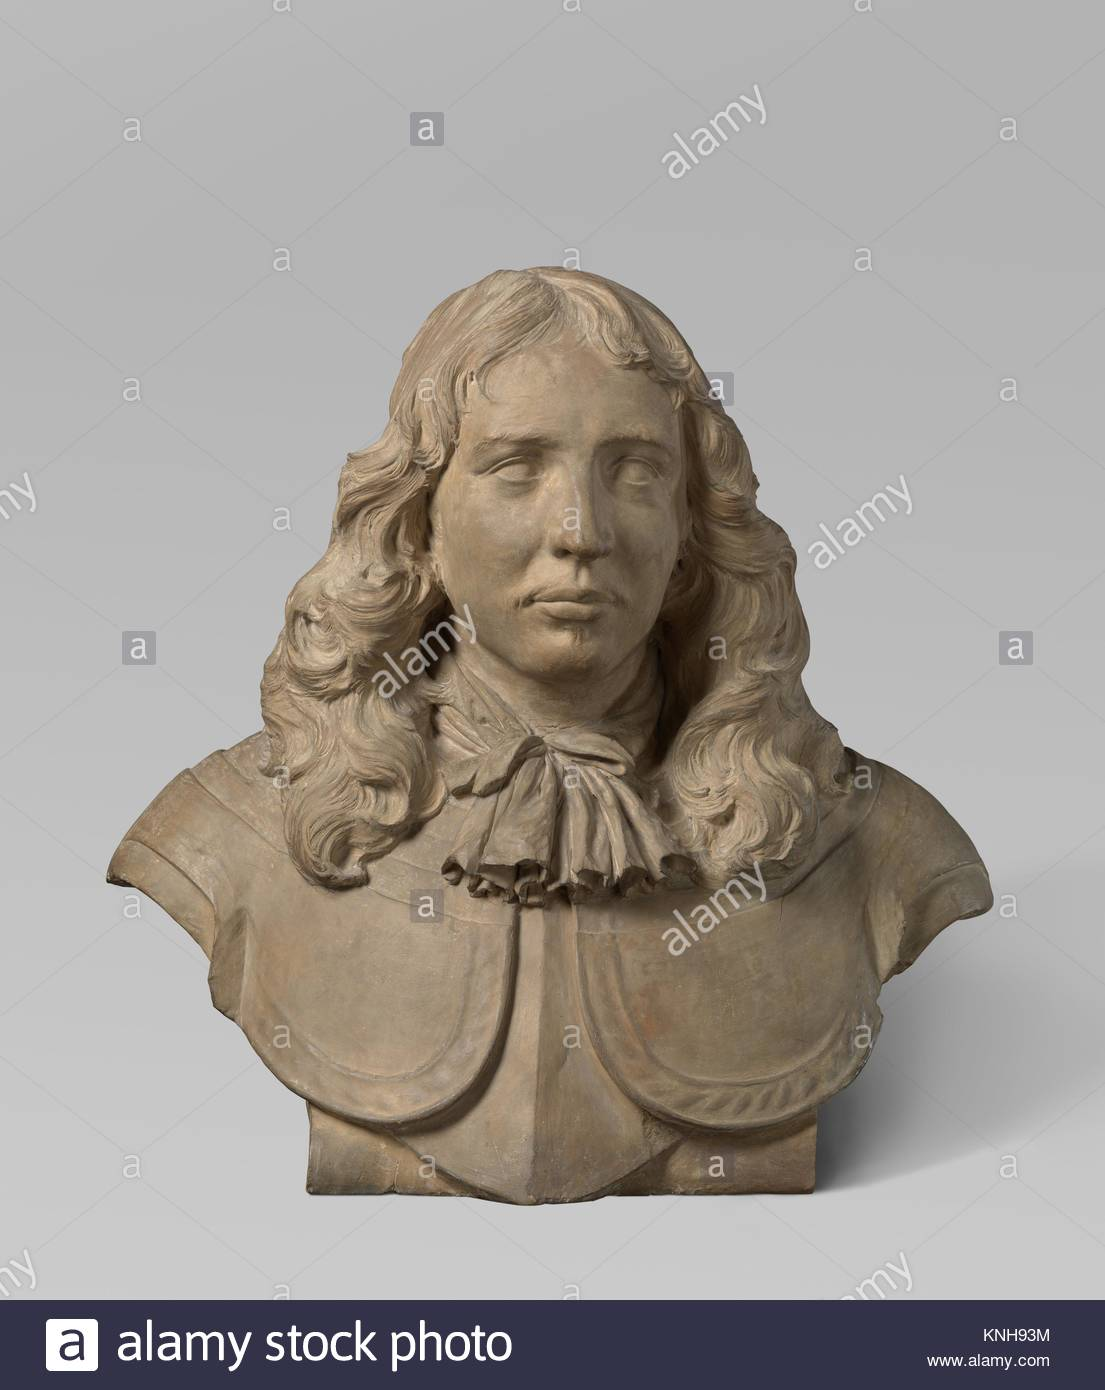 Portrait bust of Baron Willem van Liere, 1662 sculptor Rombout Verhulst, 1677 - 1681, Rijksmuseum, Netherlands - Stock Image